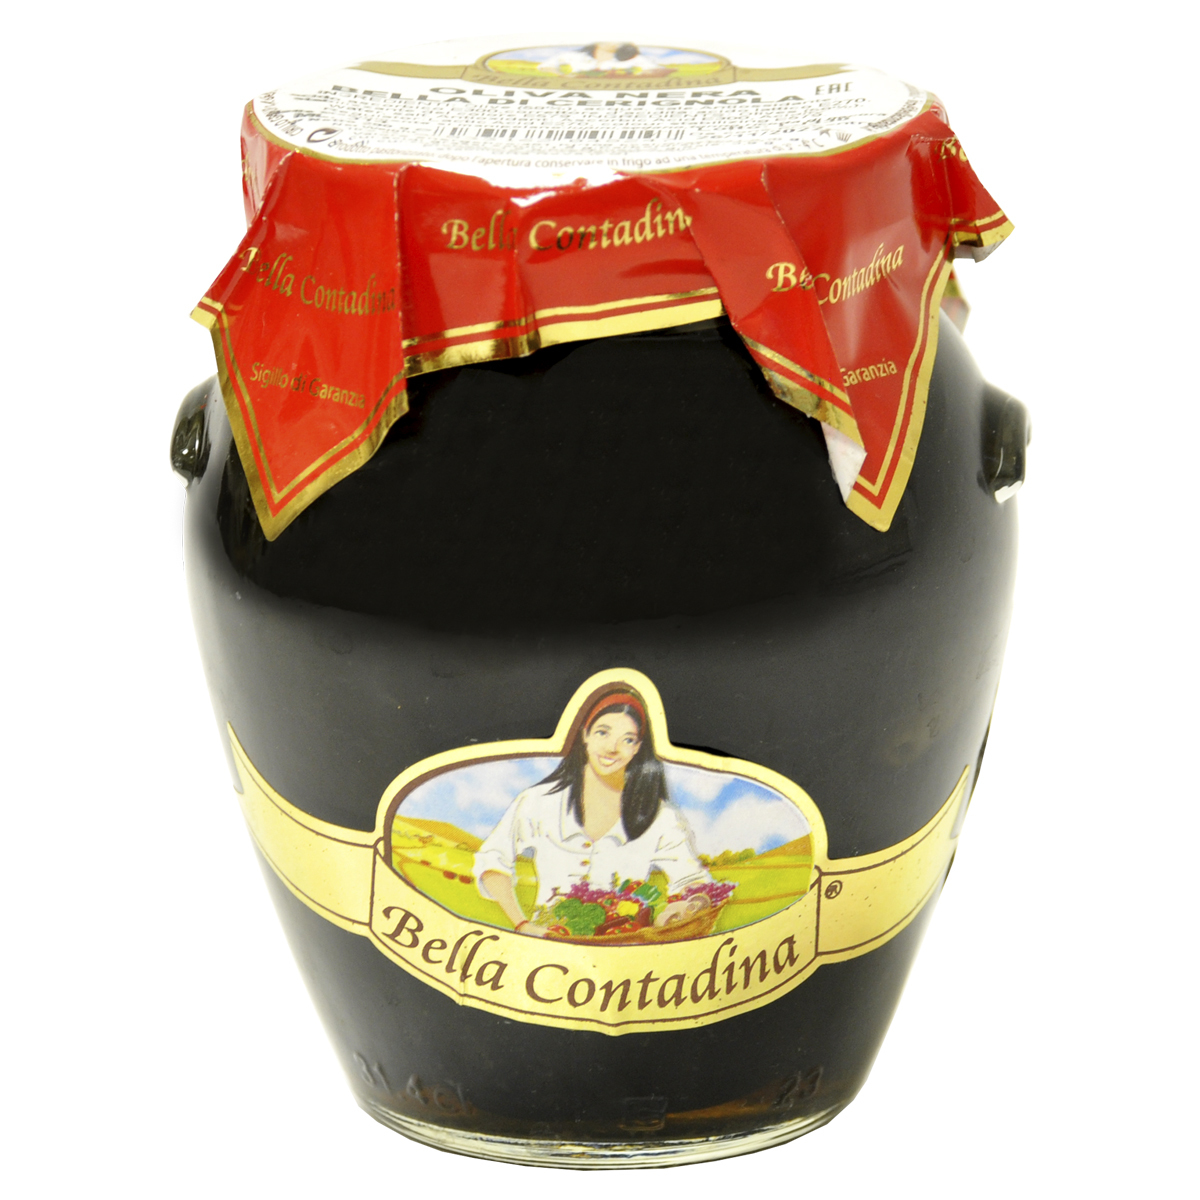 Маслины Bella Contadina гиганские с косточкой, амфора 290г